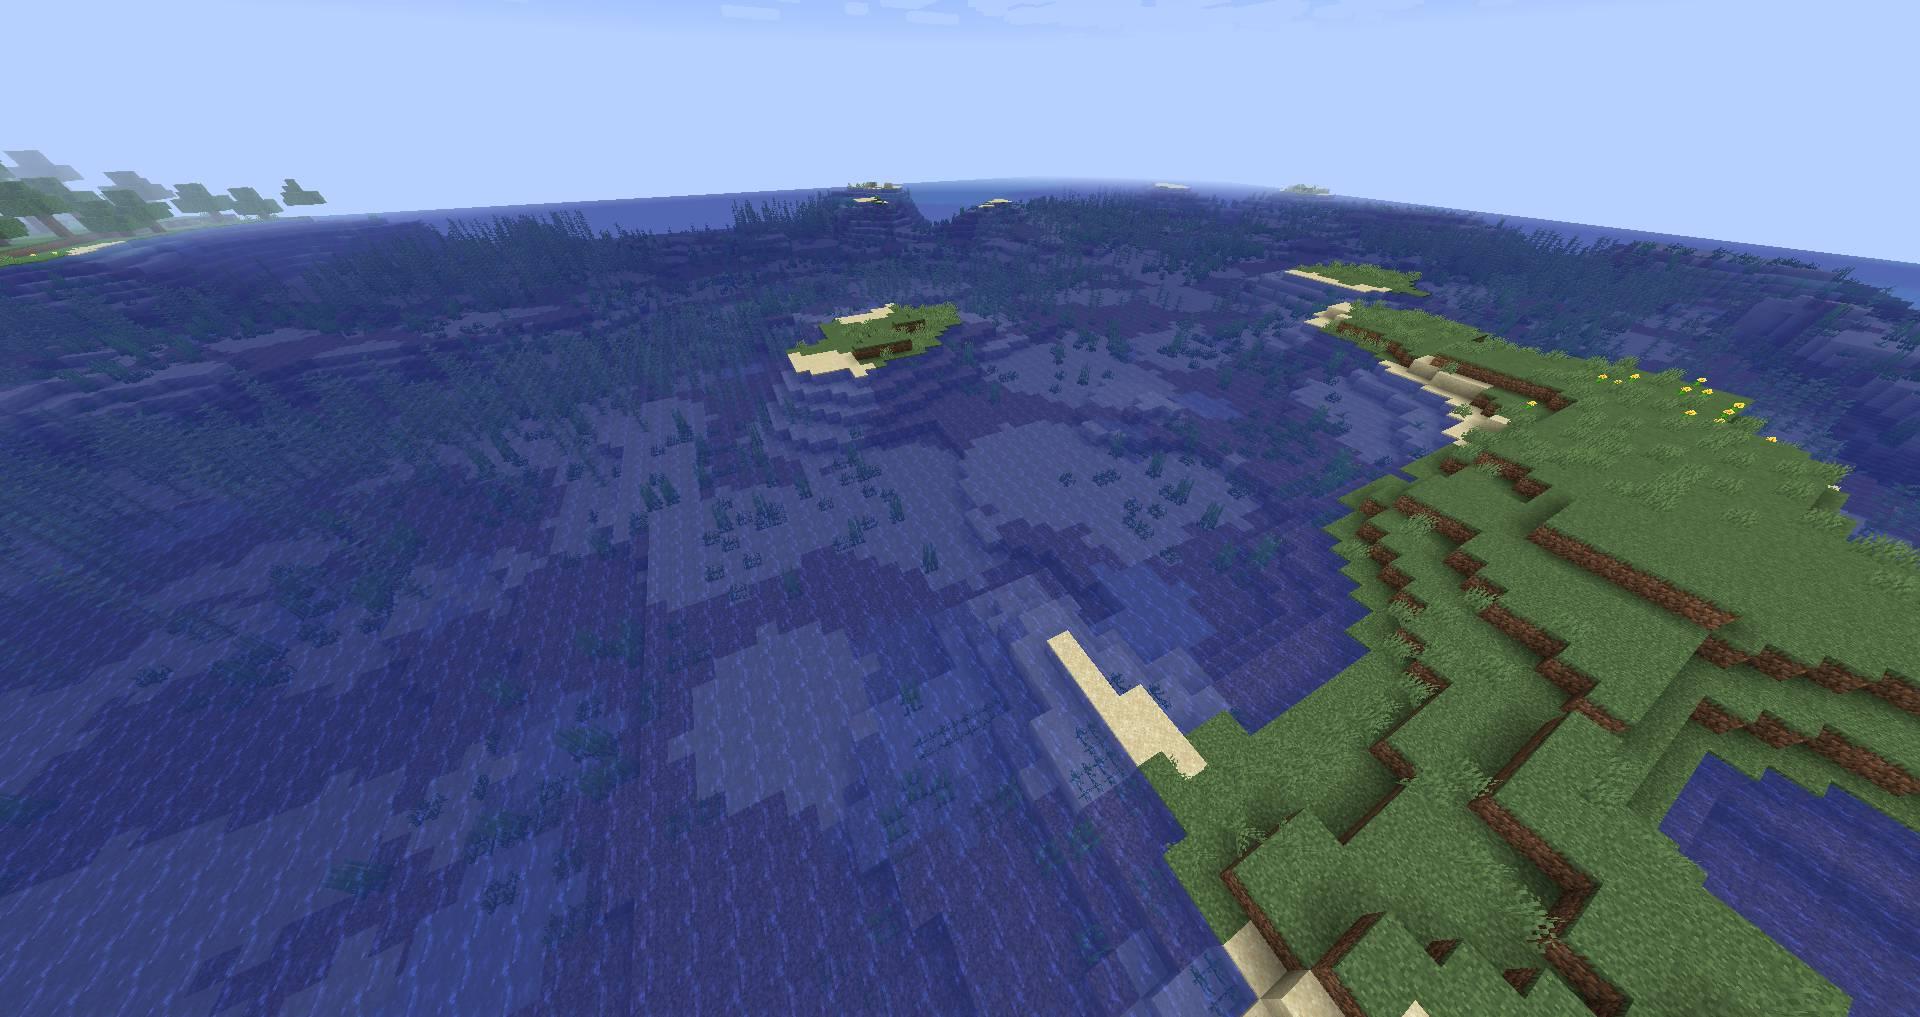 Voyage mod for minecraft 22